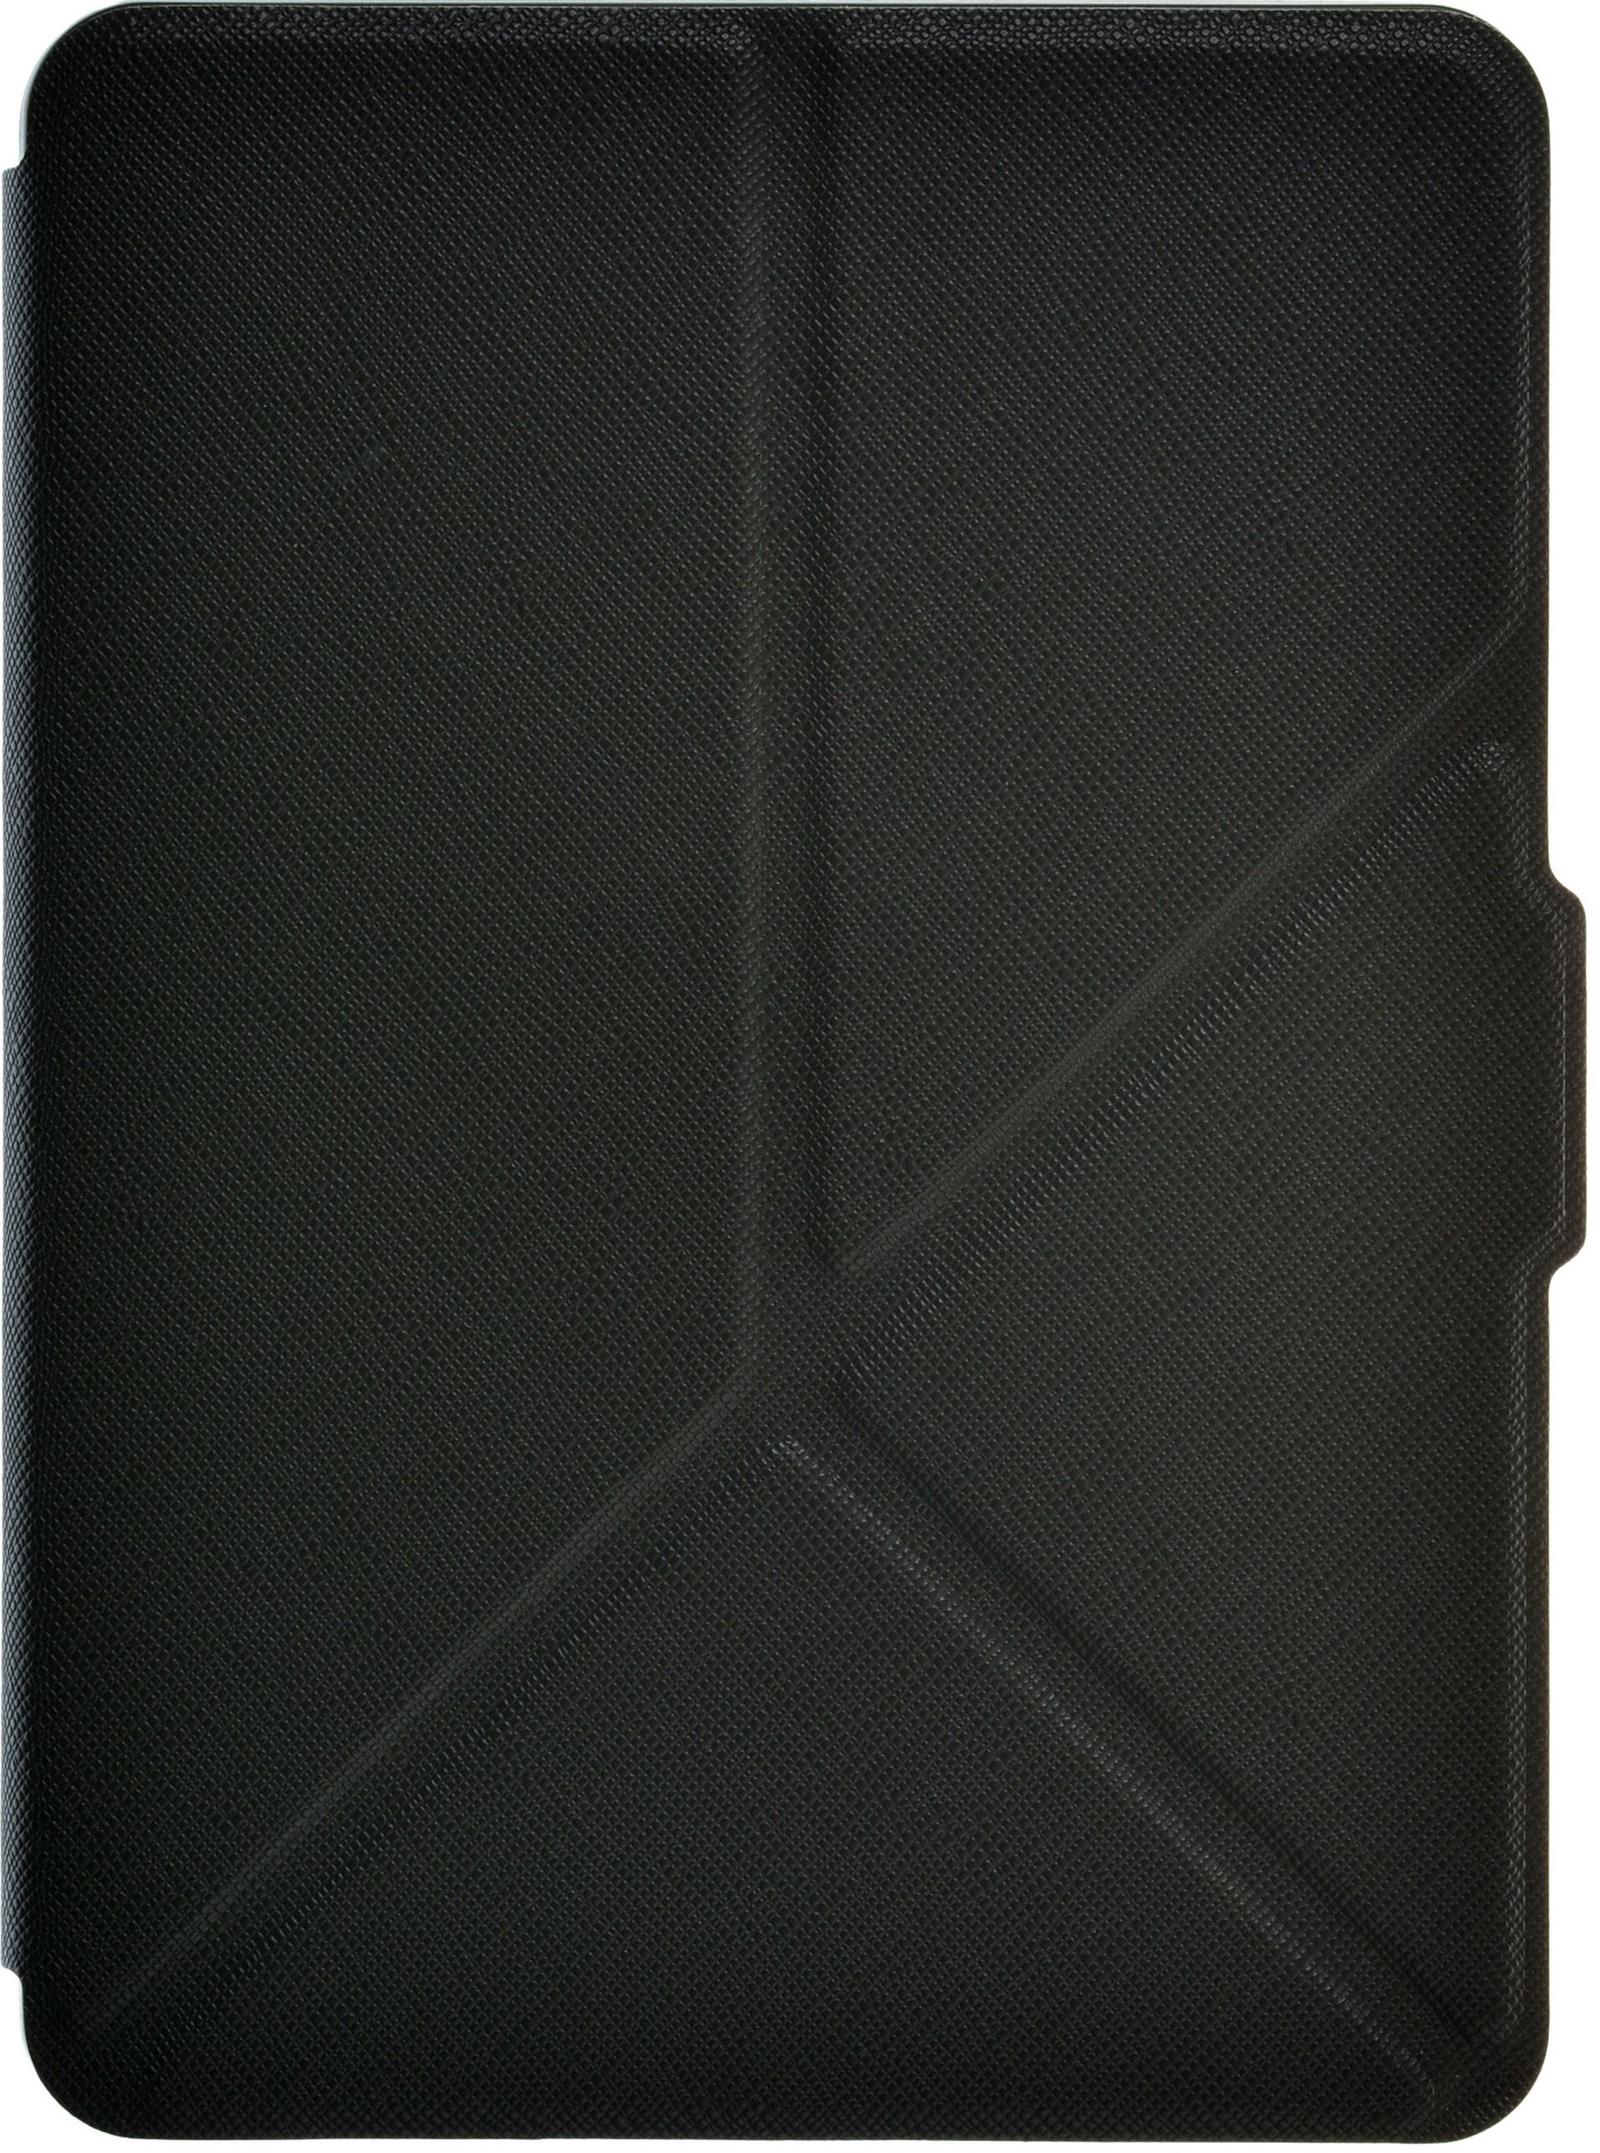 лучшая цена Чехол для электронной книги skinBOX Smart, 4630042527935, черный